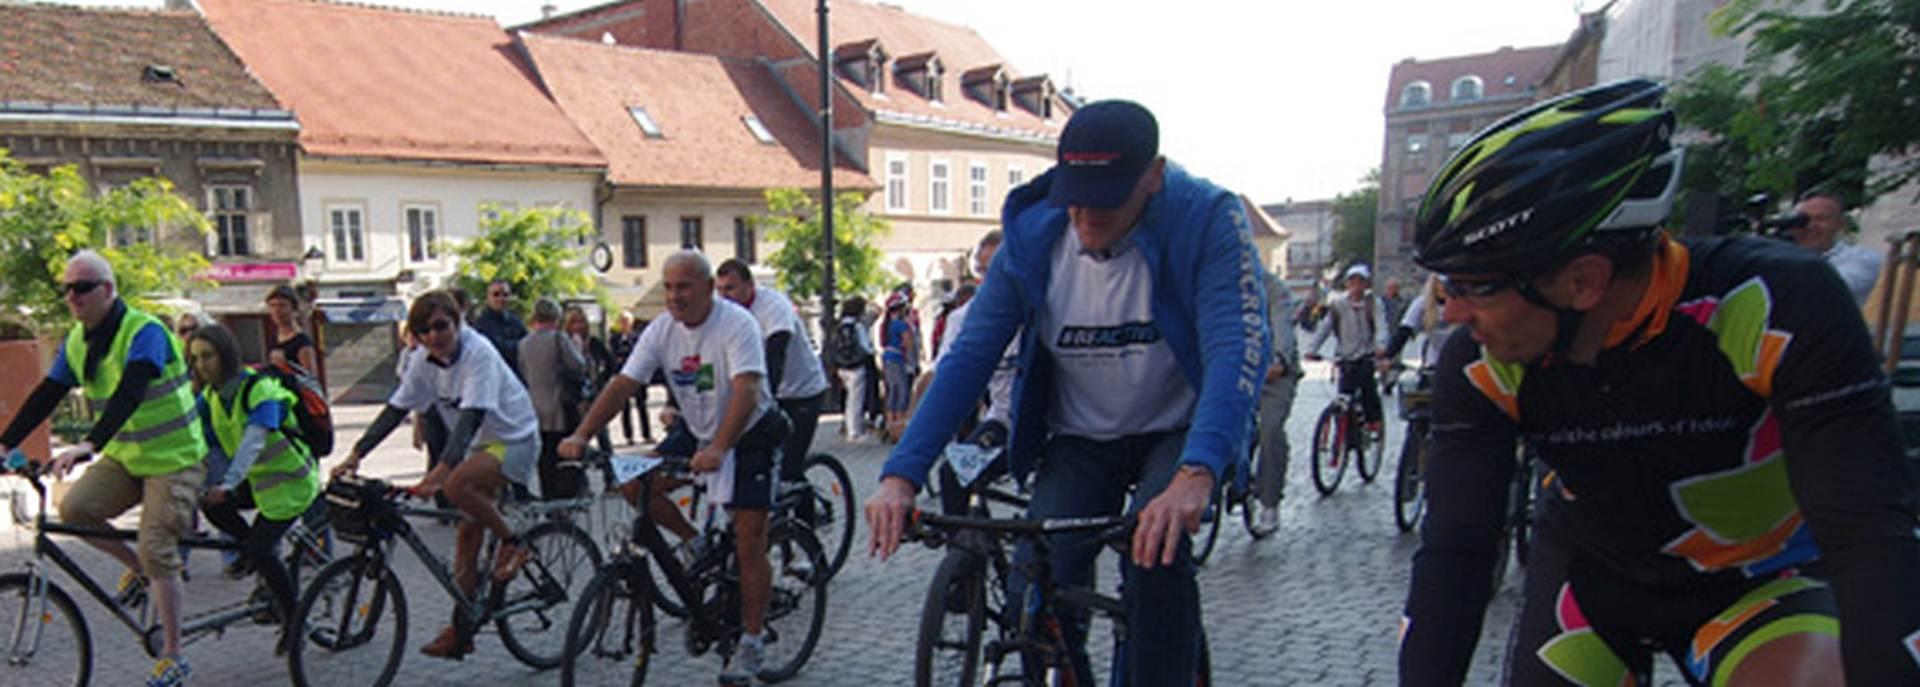 SVI NA BUNDEK: Biciklističkom turom po Zagrebu otvoren Europski tjedan sporta